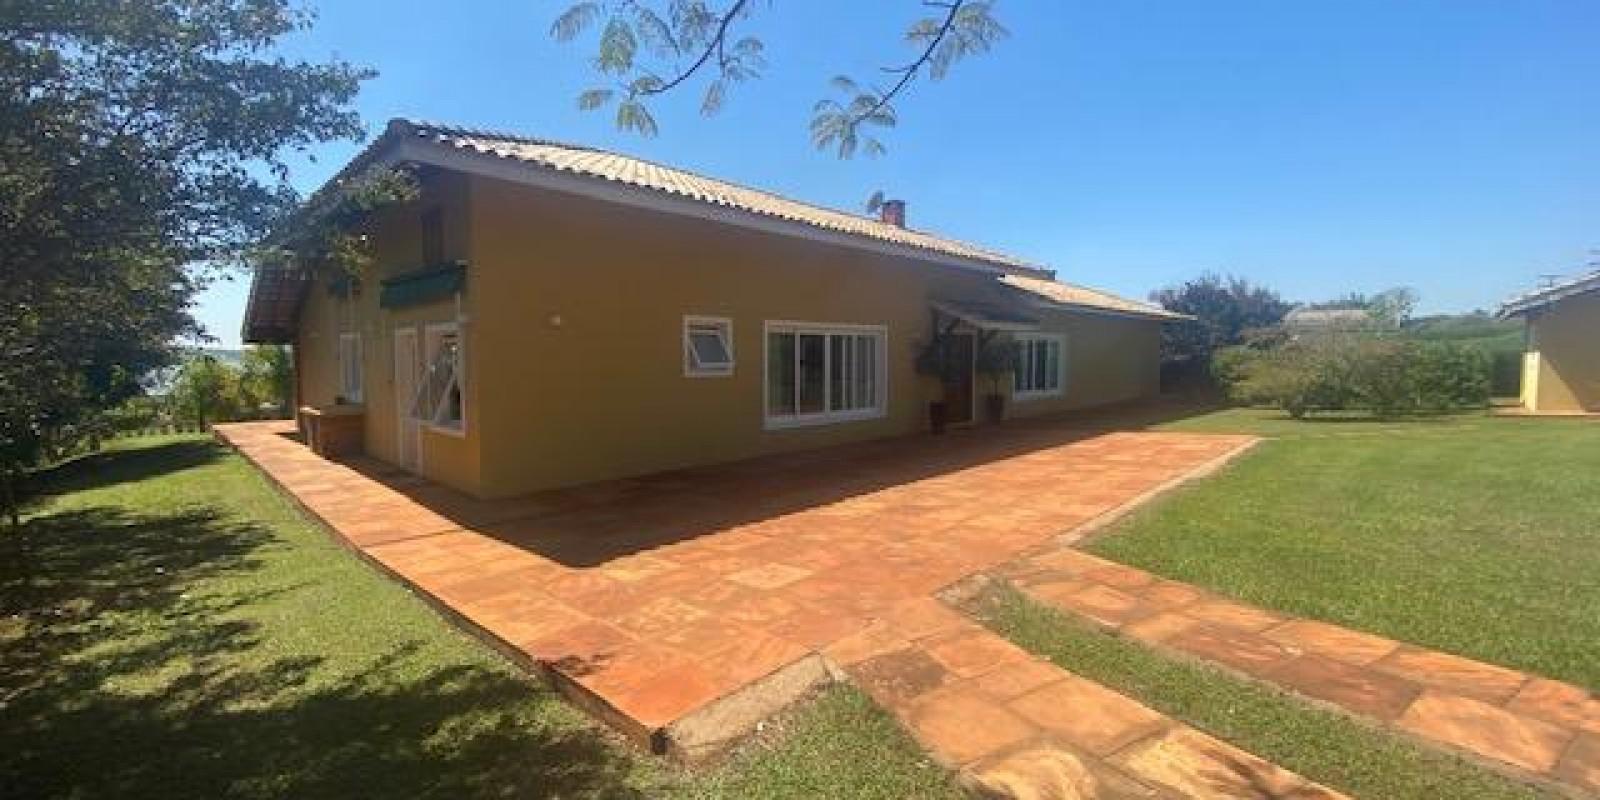 Casa na Represa no Condomínio Parque Náutico em Avaré SP  - Foto 1 de 57